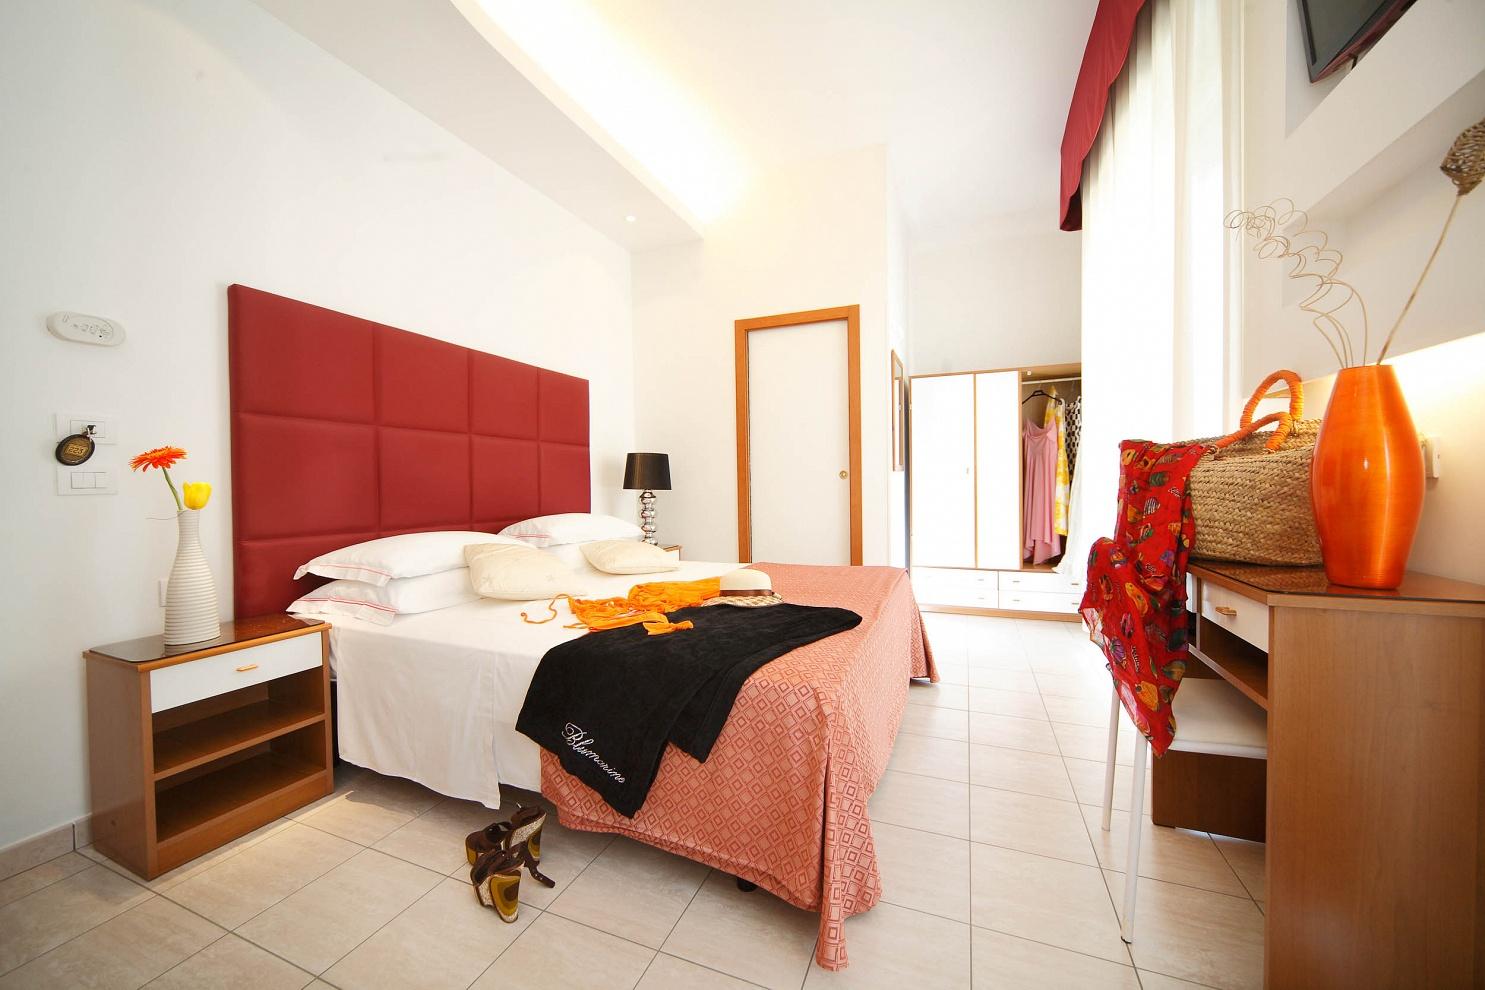 HOTEL STELLA D'ORO - RIMINI 2011